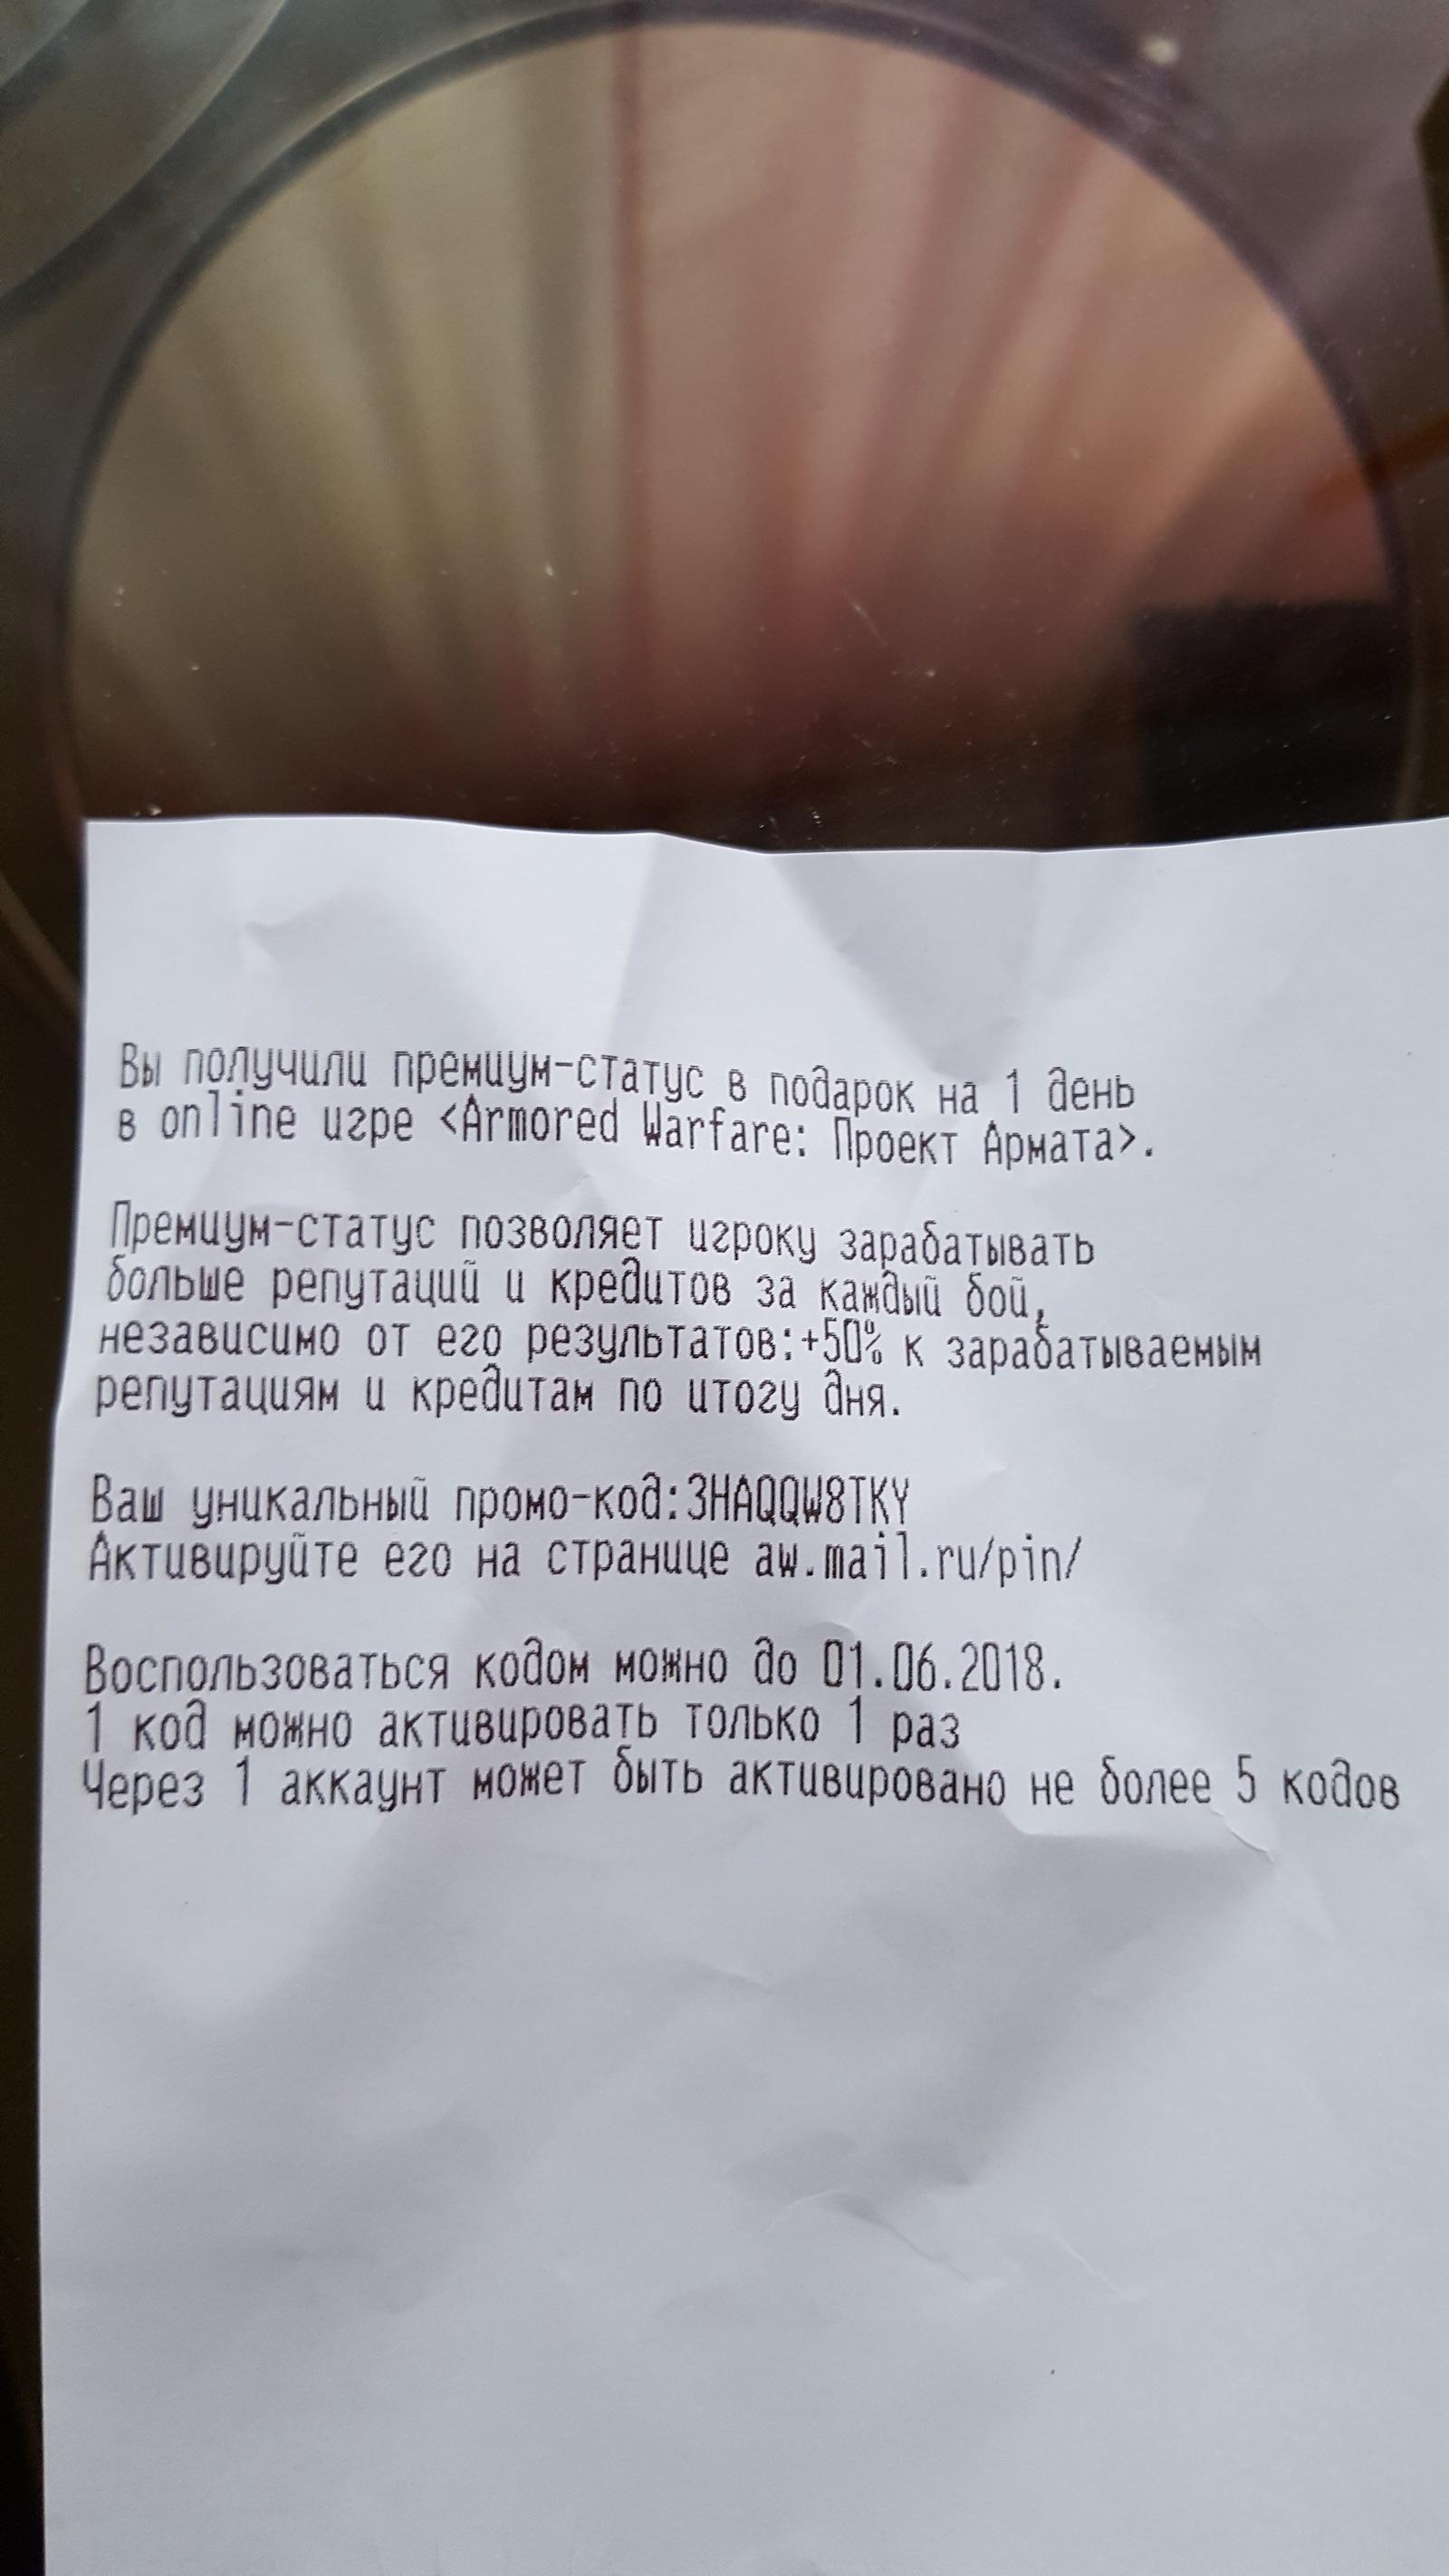 армата бонус коды на прем